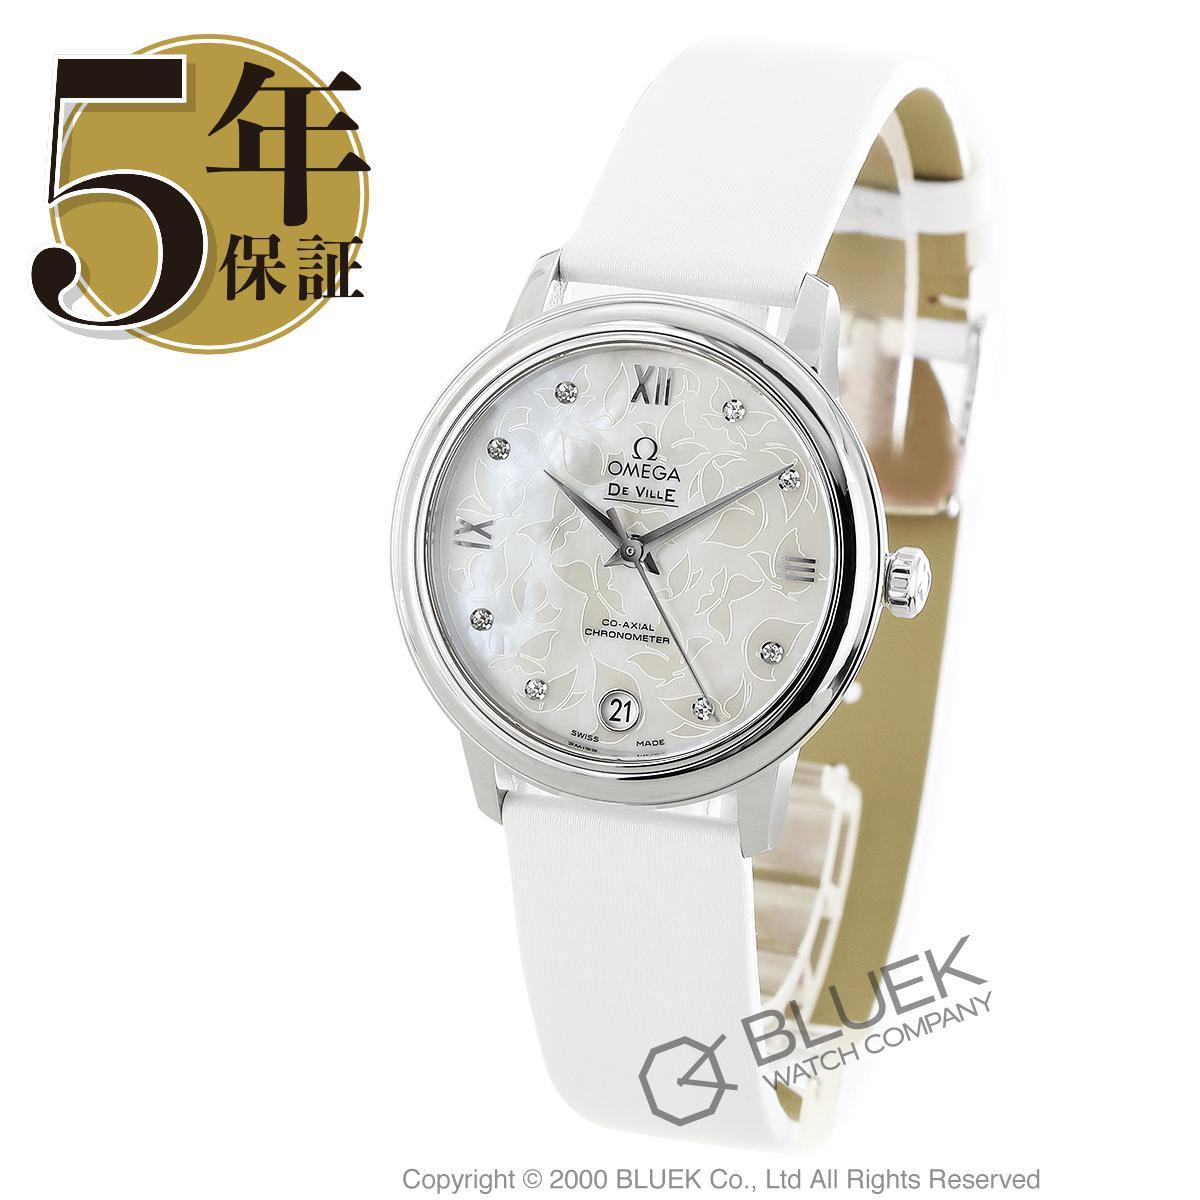 オメガ デビル プレステージ バタフライ ダイヤ サテンレザー 腕時計 レディース OMEGA 424.12.33.20.55.001_5